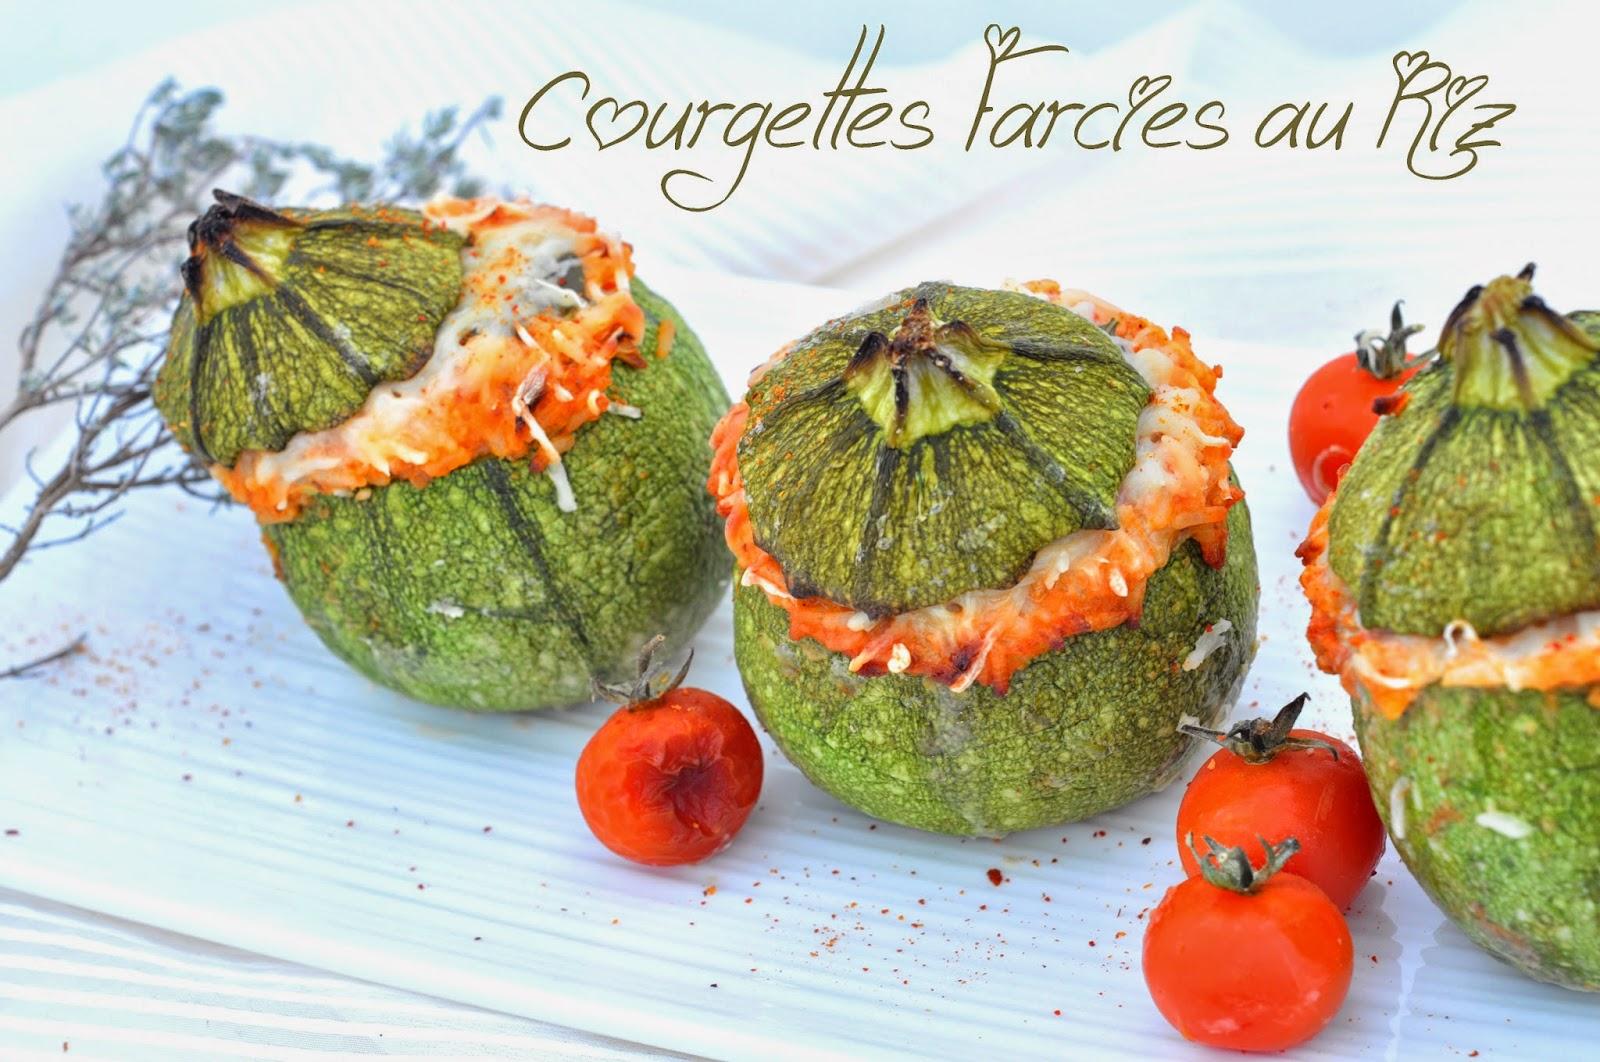 Courgettes farcies au riz blogs de cuisine - Recette courgette farcie riz ...